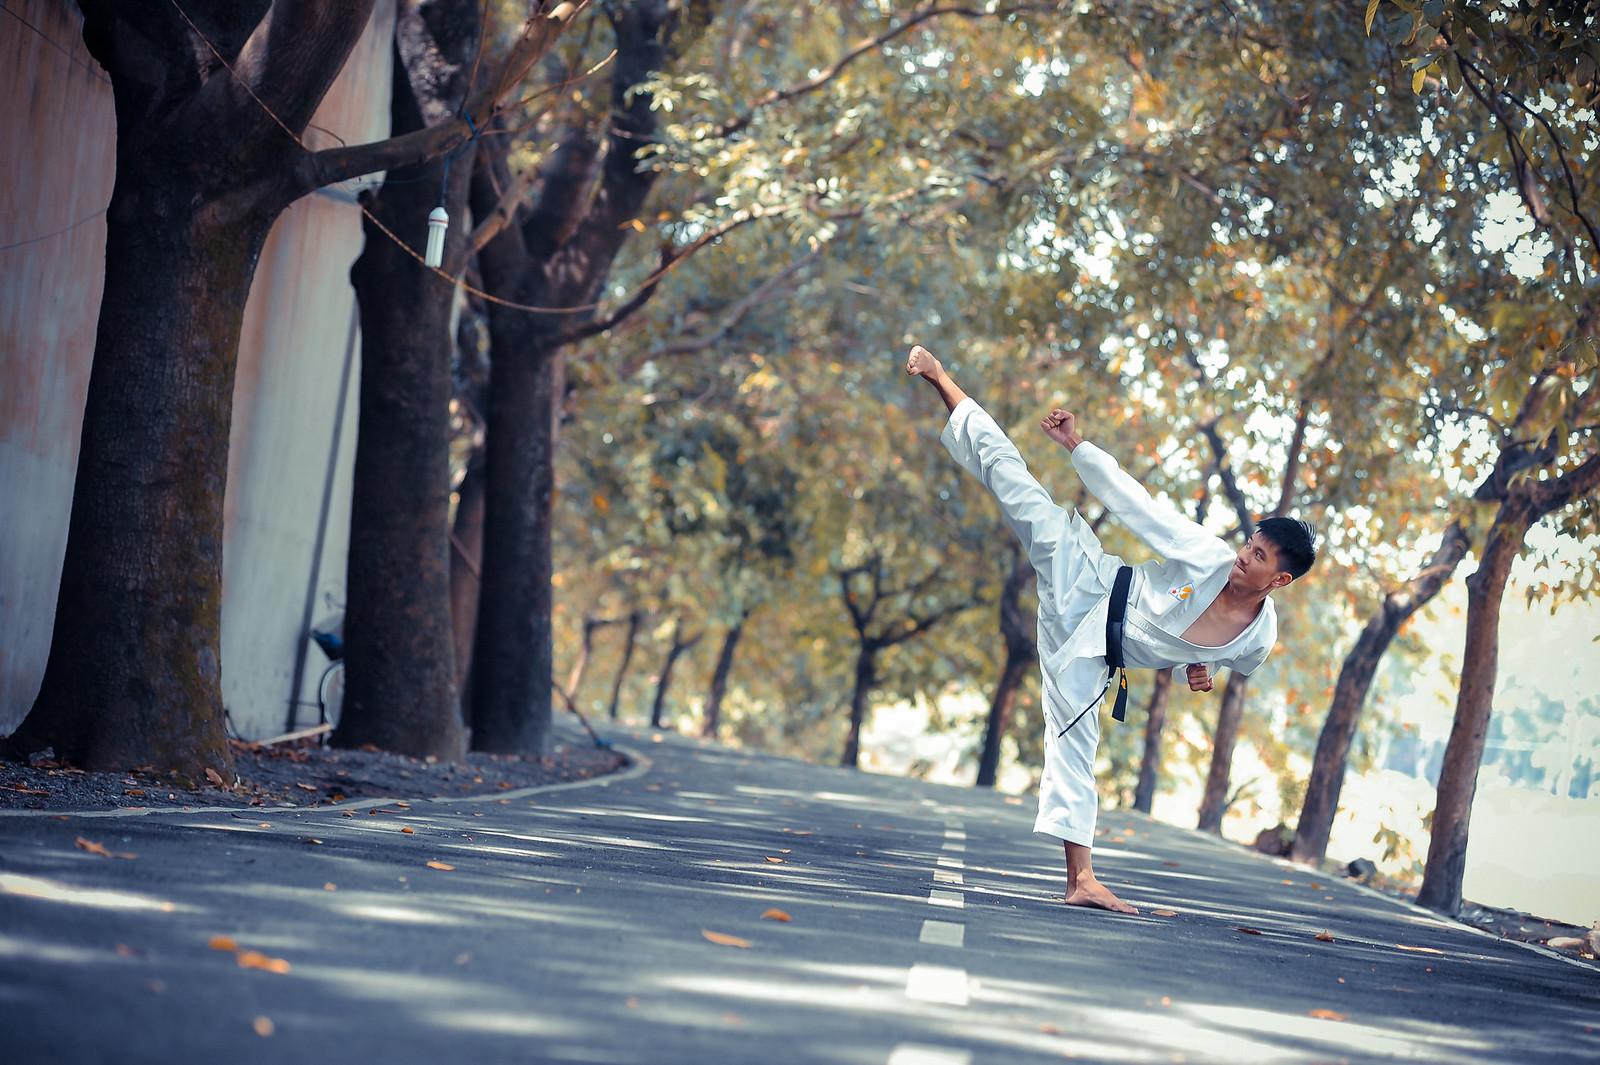 28153764797 88b9e87e8f h - Chụp ảnh cưới võ thuật ở Sài Gòn